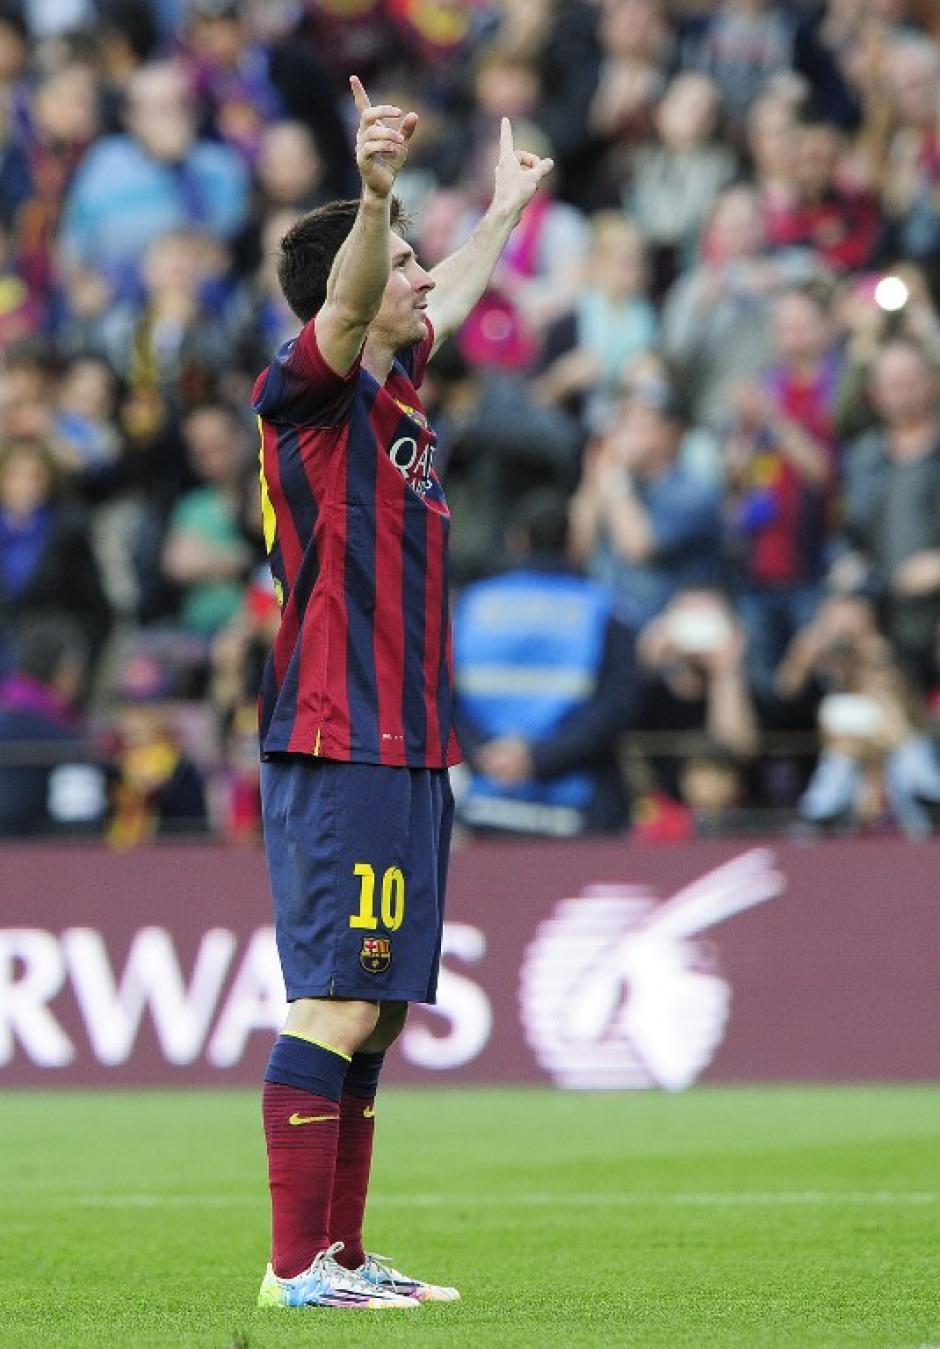 Messi dejó que el público lo homenajeara tras anotar el gol 370, mientras las pantallas del Camp Nou mostraban el récord alcanzado.